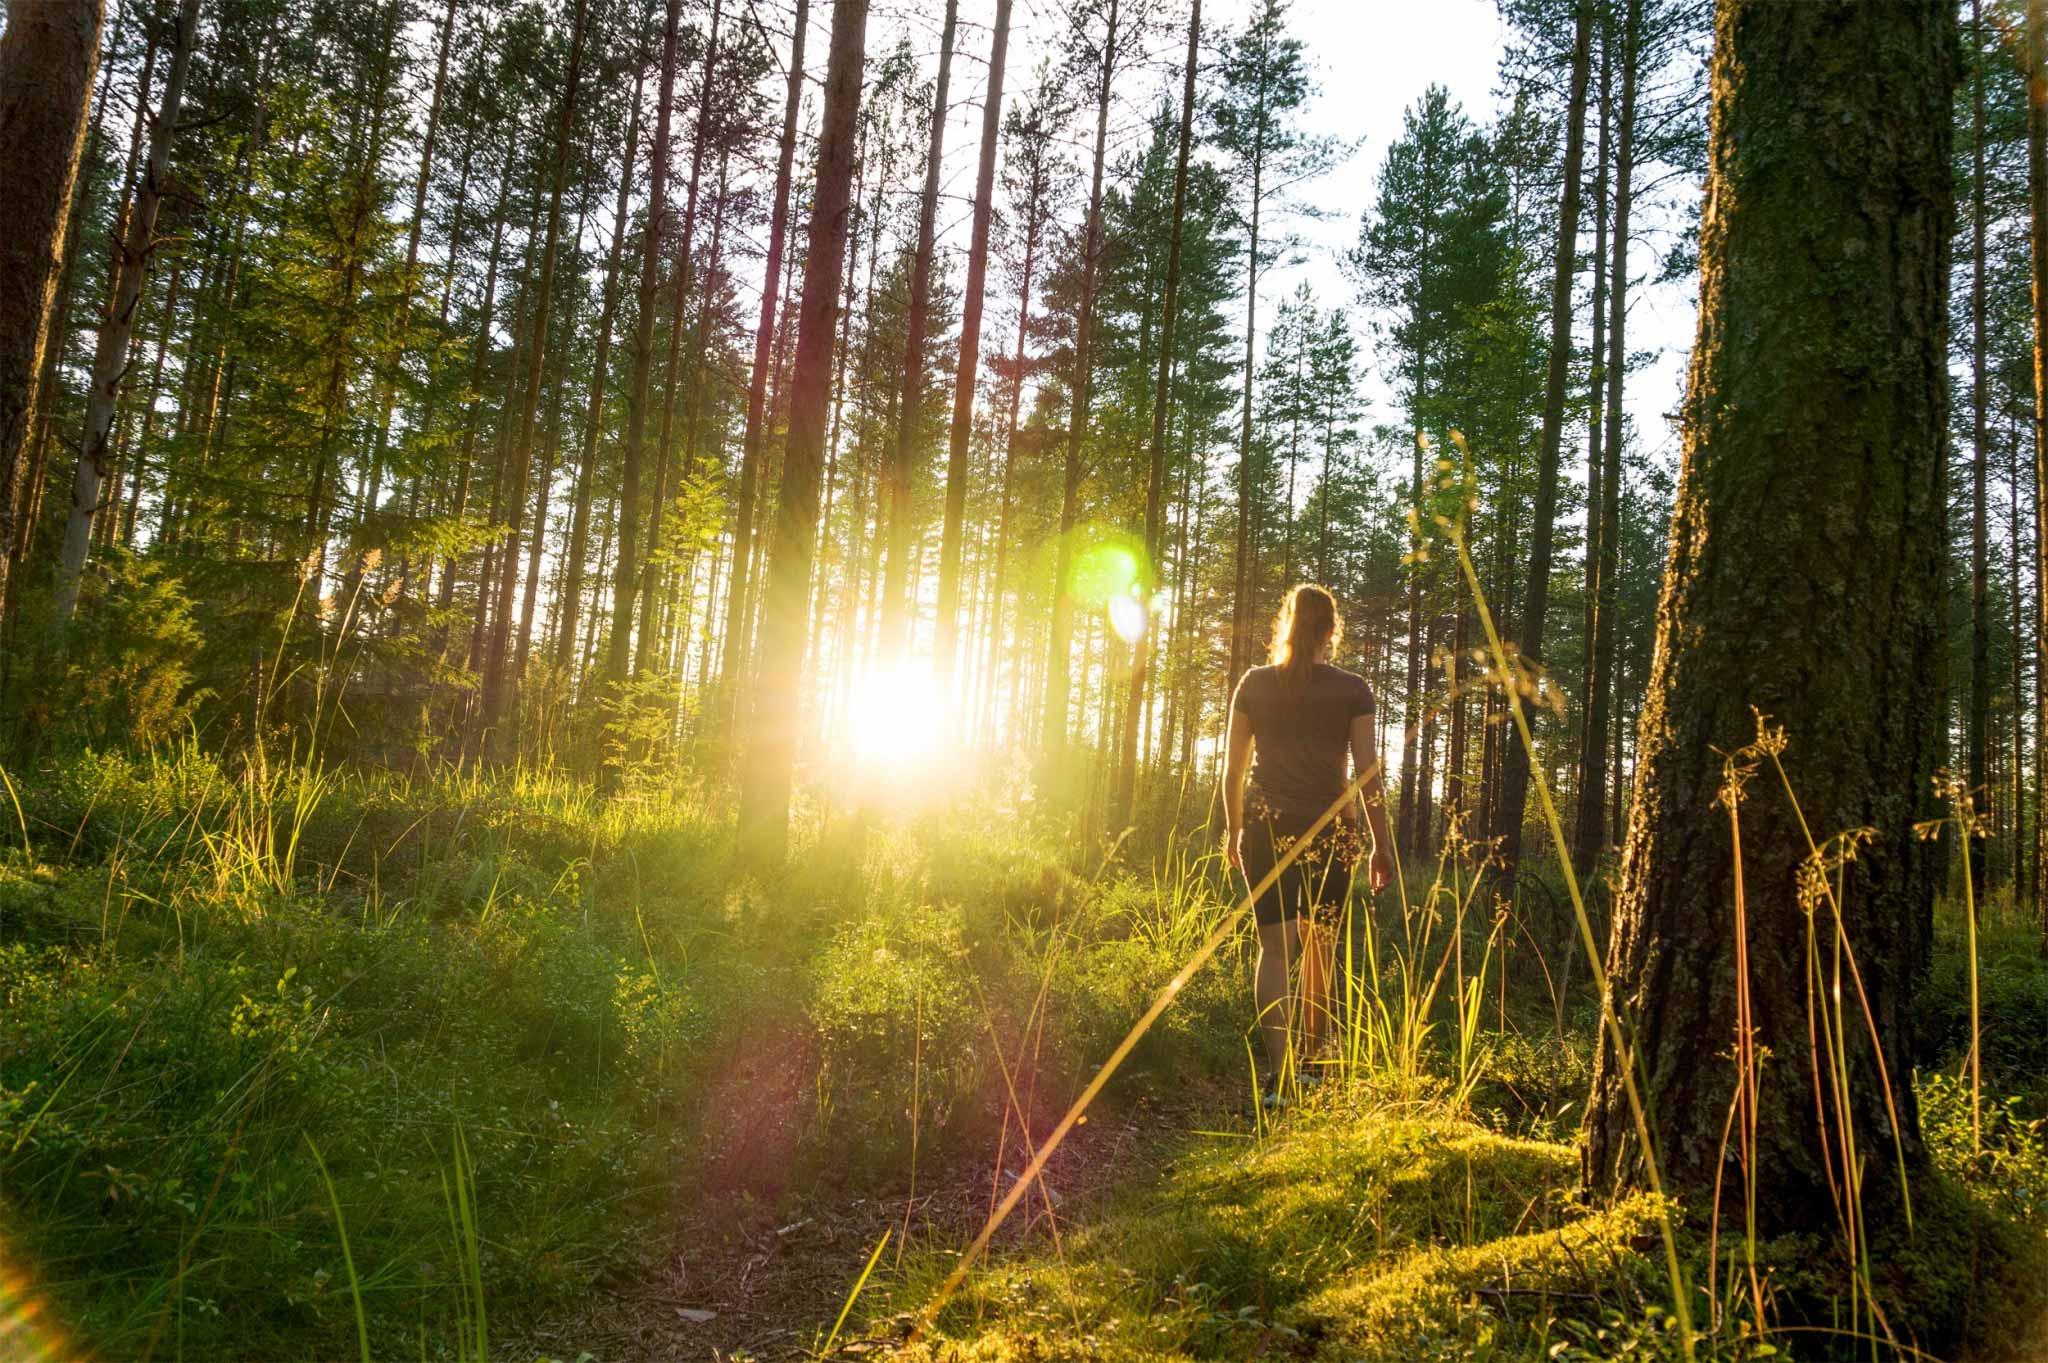 Frau spaziert durch den Wald während des Sonnenaufgangs